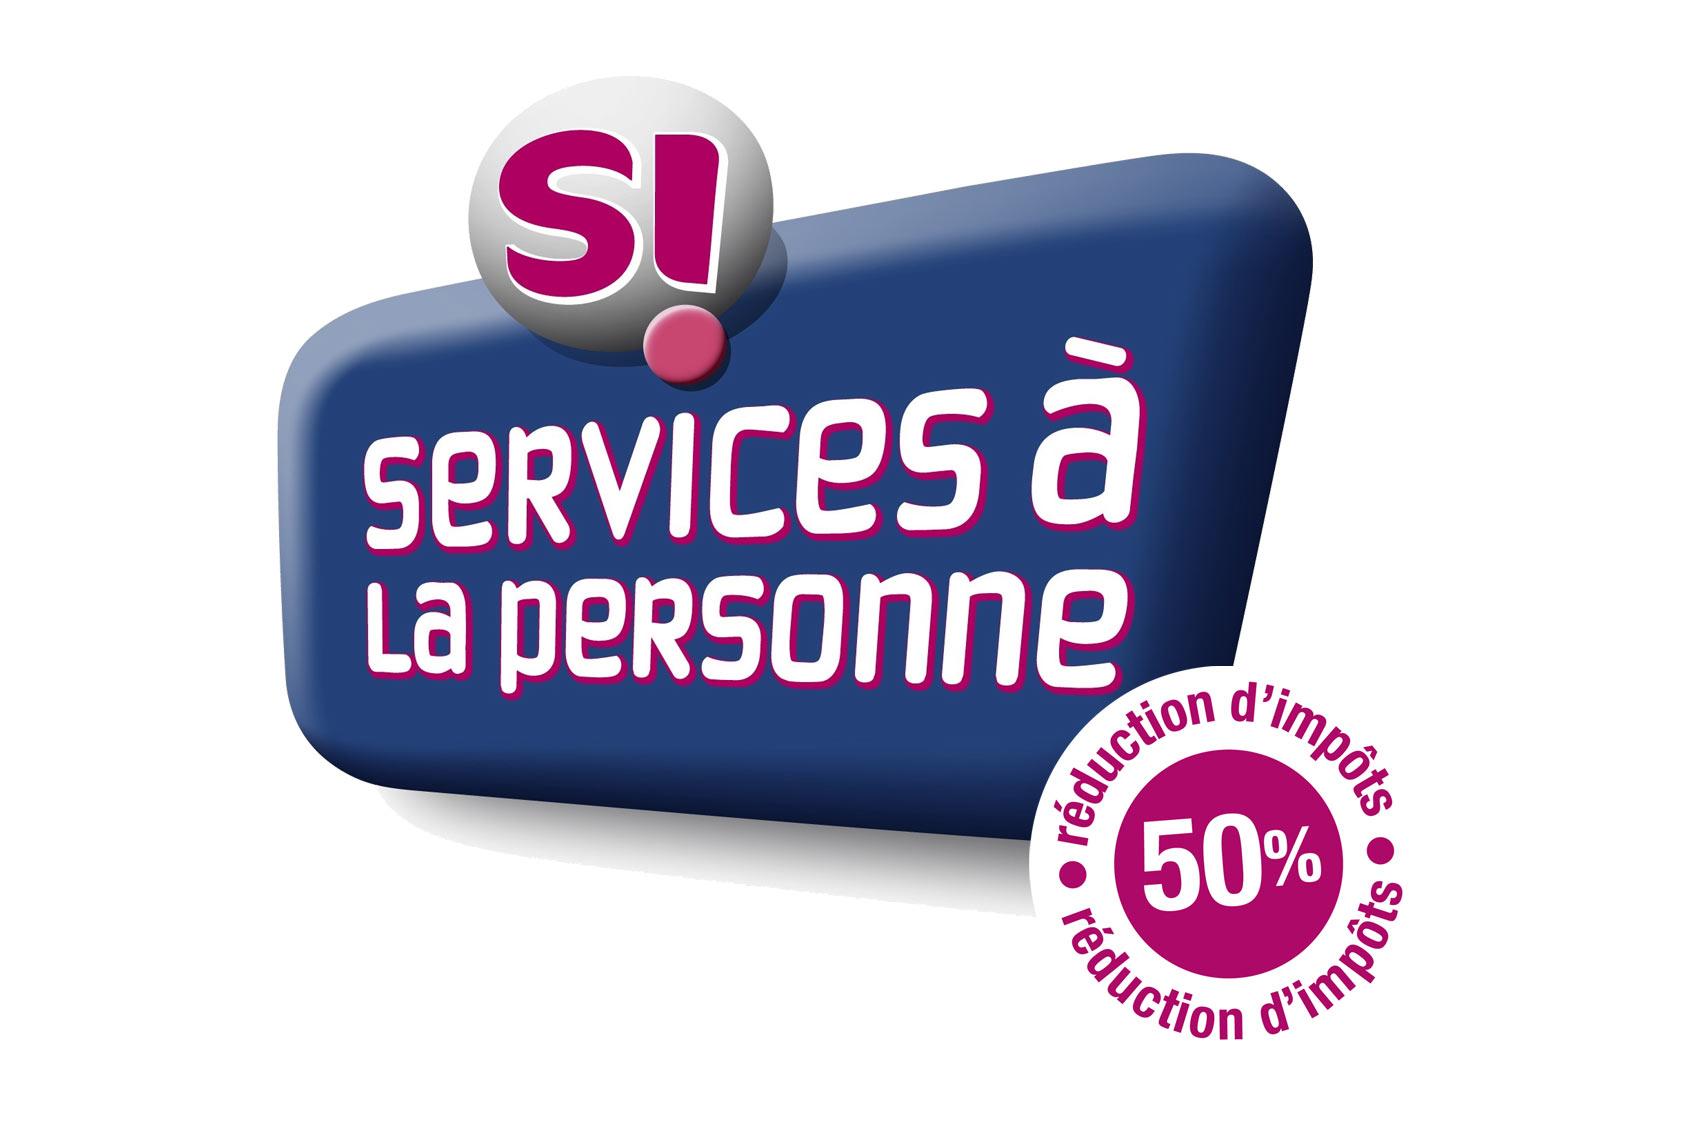 G nial service la personne jardinage id es de salon de for Salon service a la personne